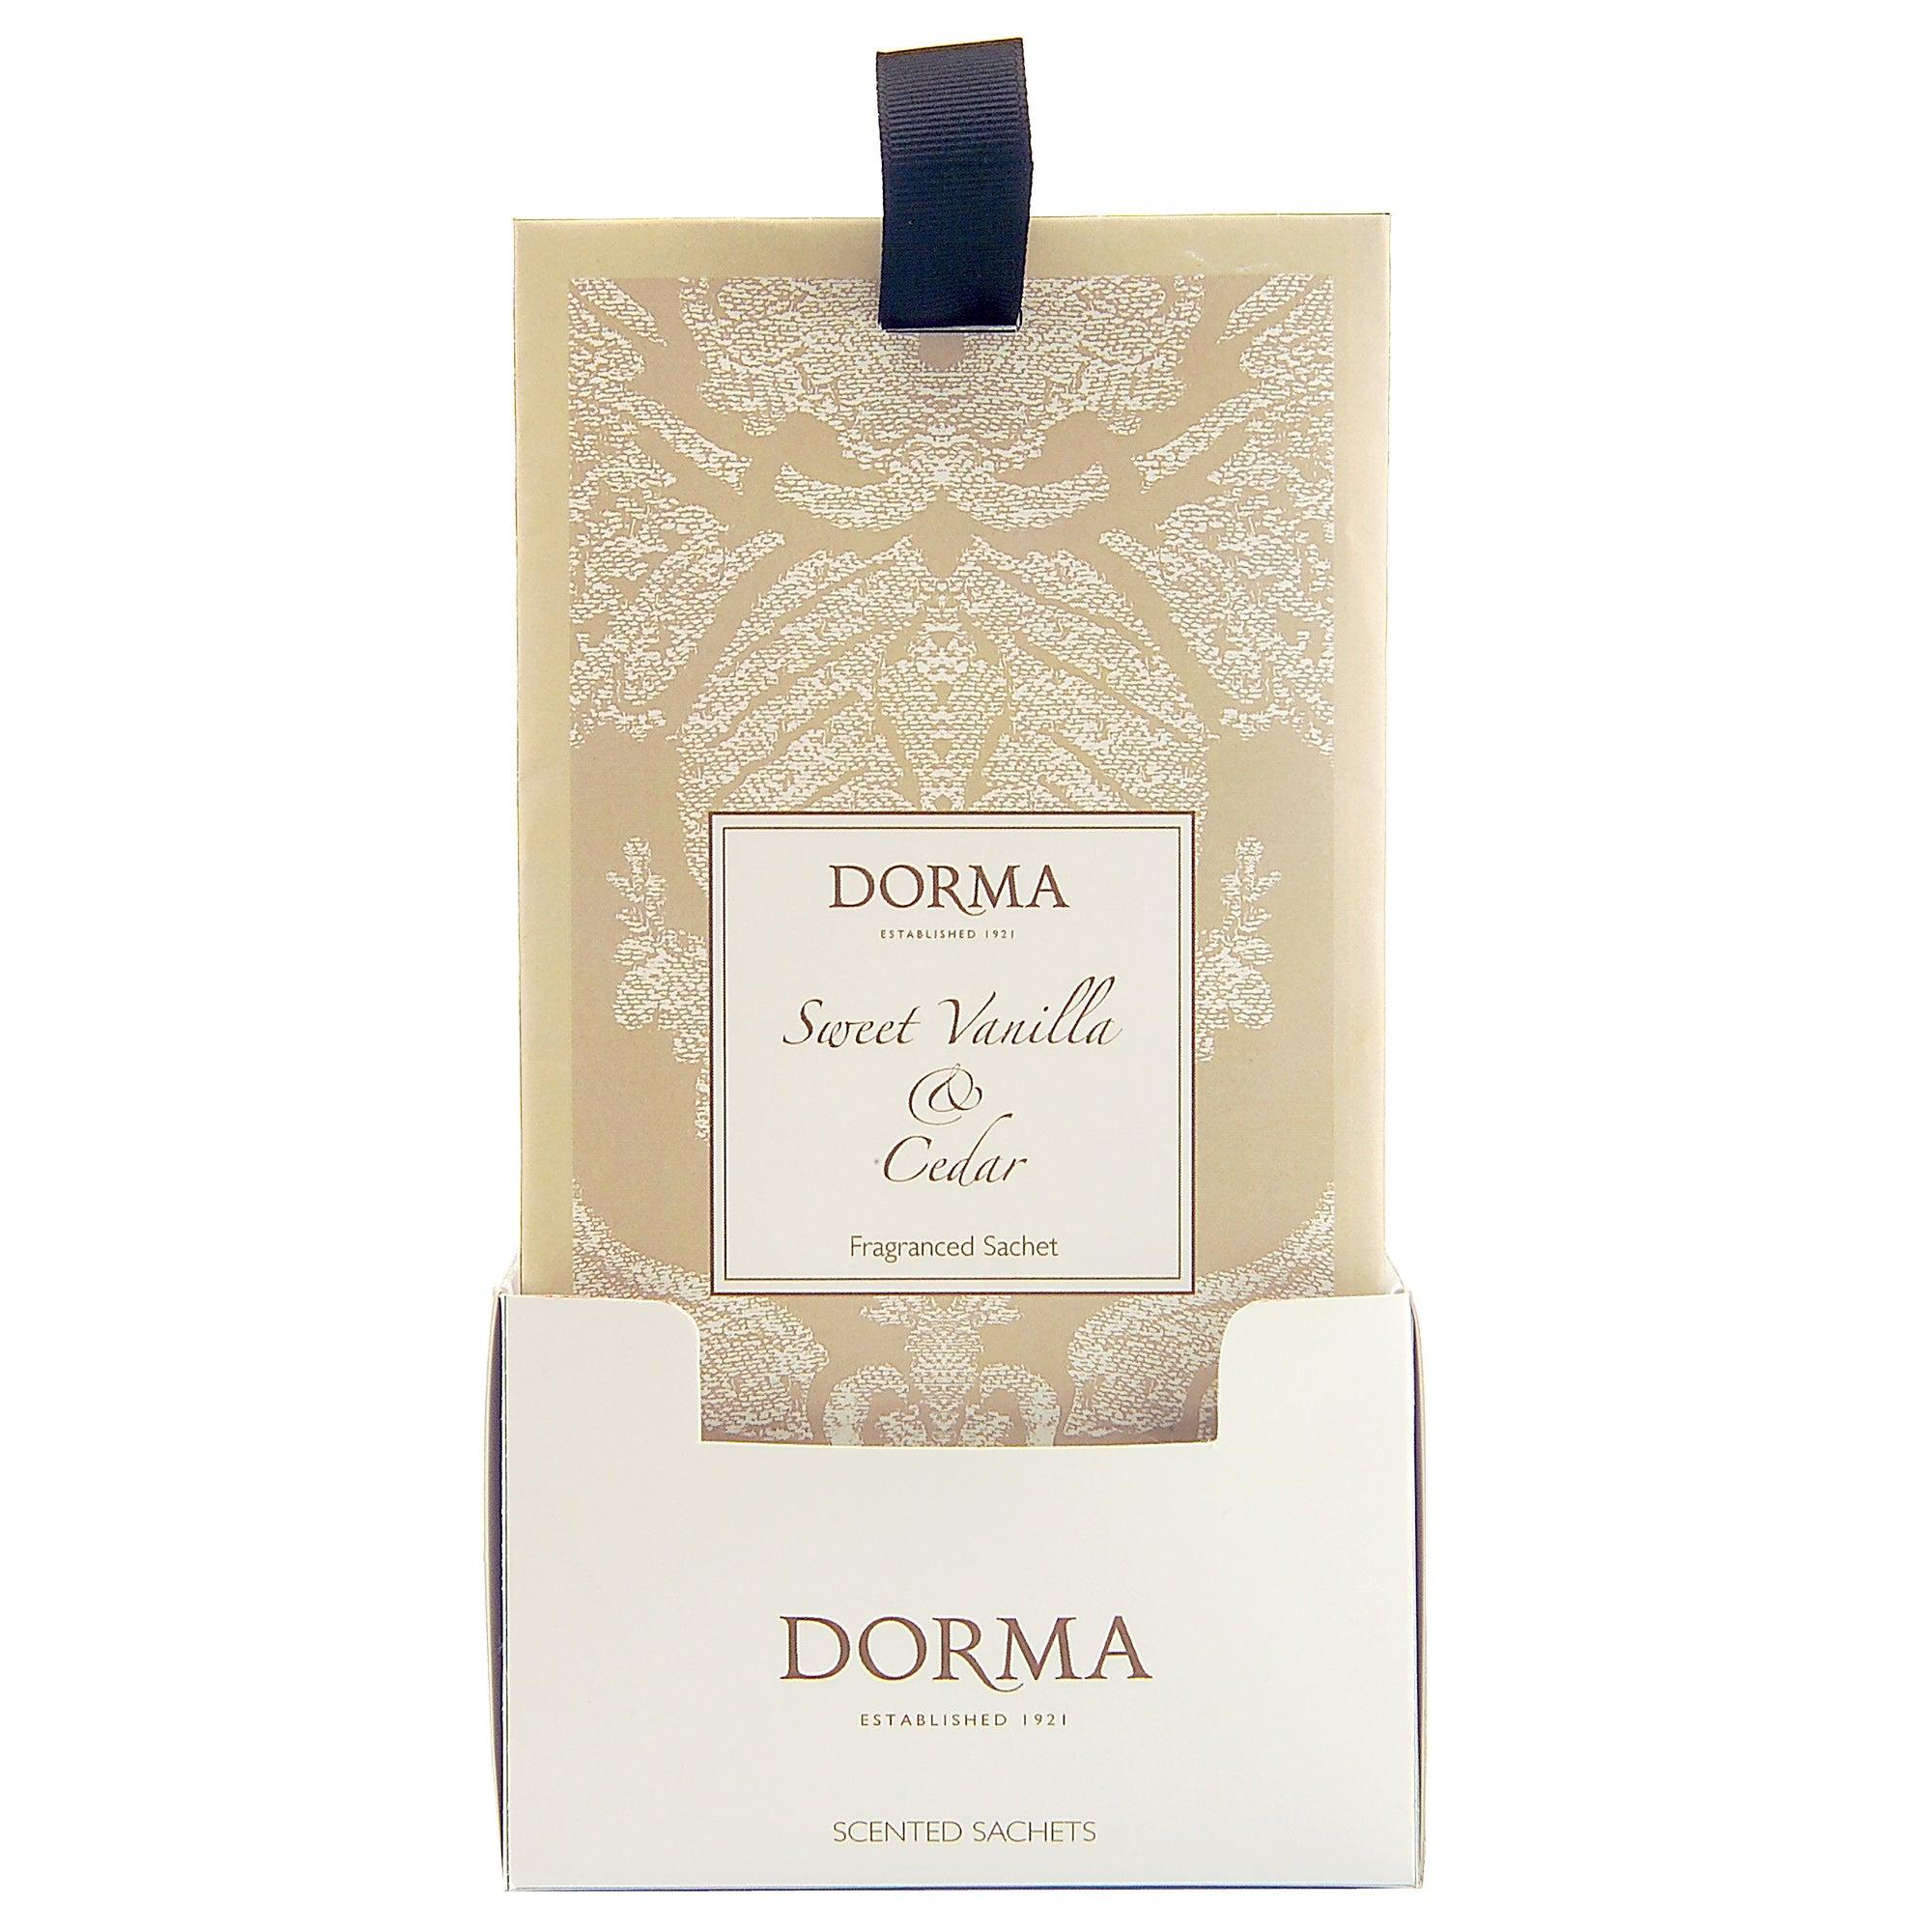 Dorma Sweet Vanilla and Cedar Scented Sachet